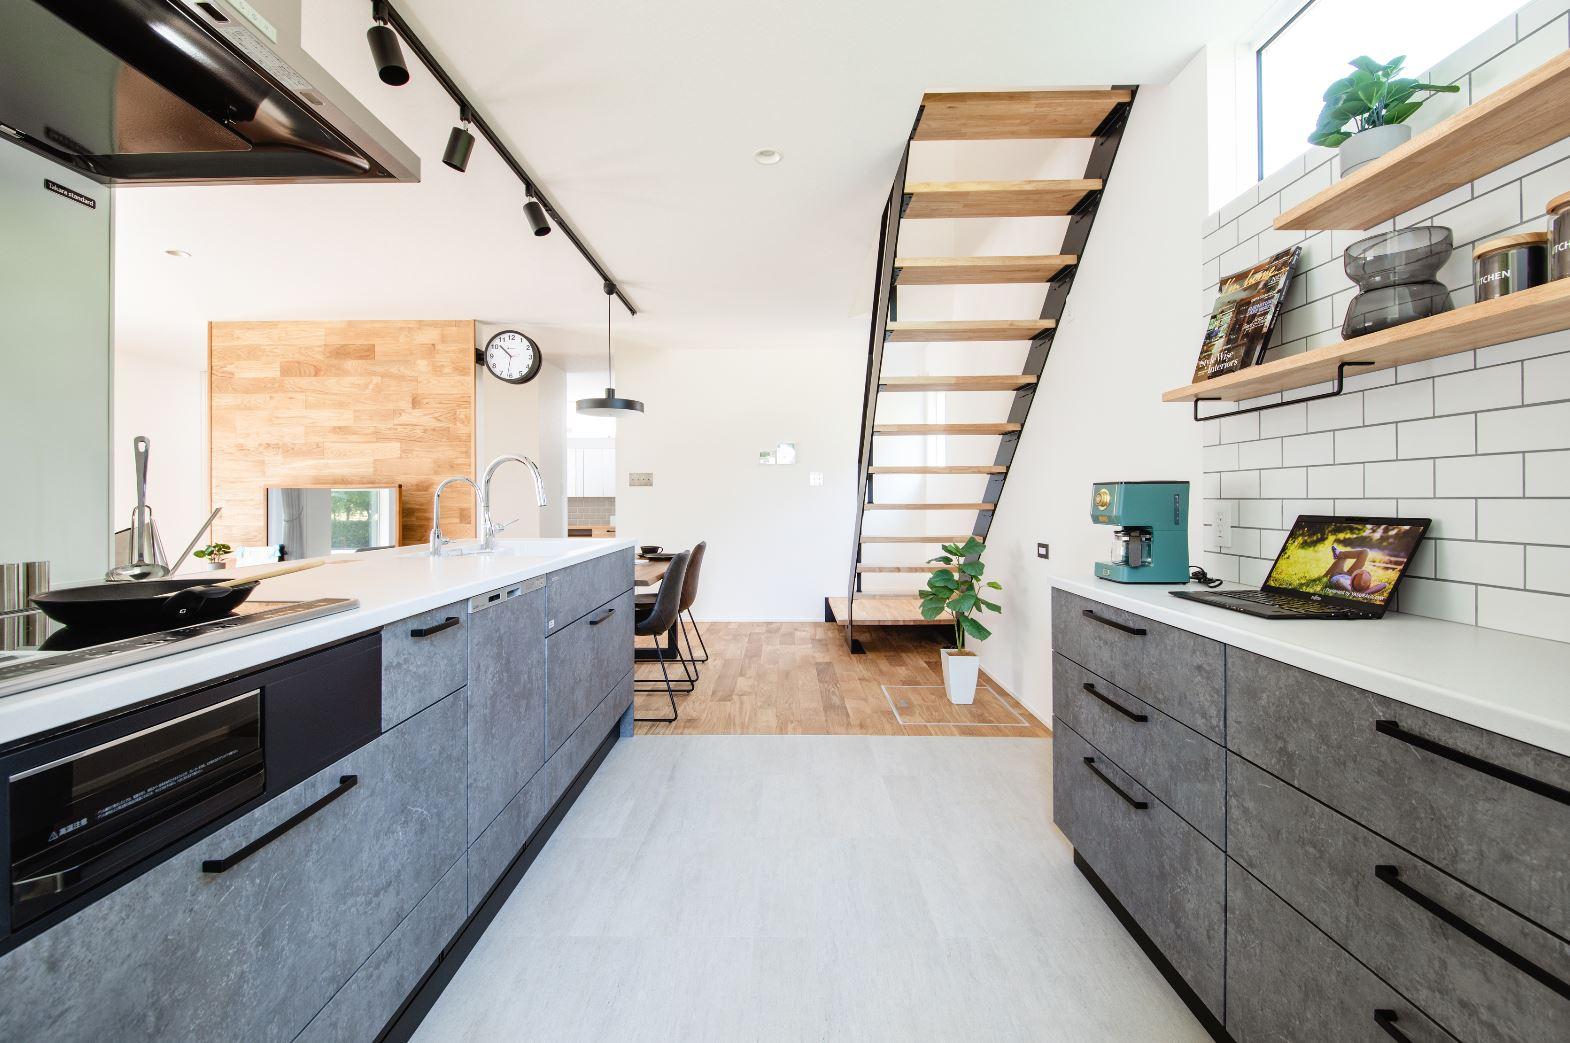 S.CONNECT(エスコネクト)【デザイン住宅、収納力、間取り】キッチンとカップボードの間はフロアタイルを採用し、水や油汚れもさっと拭き取れ手入れもラクラク